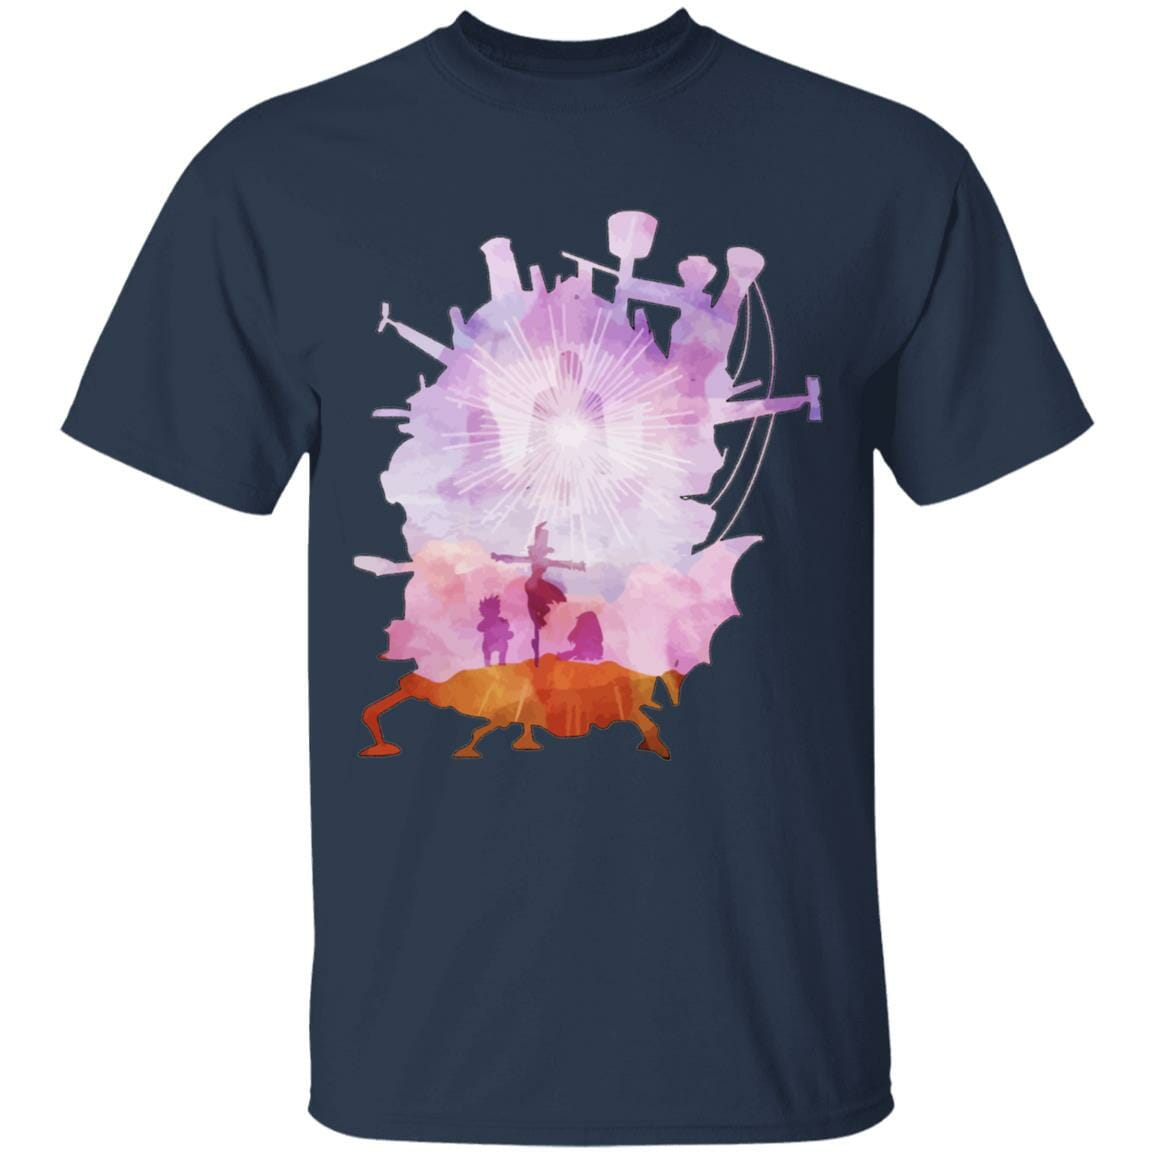 Howl's Moving Castle – Howl's Horizon T Shirt